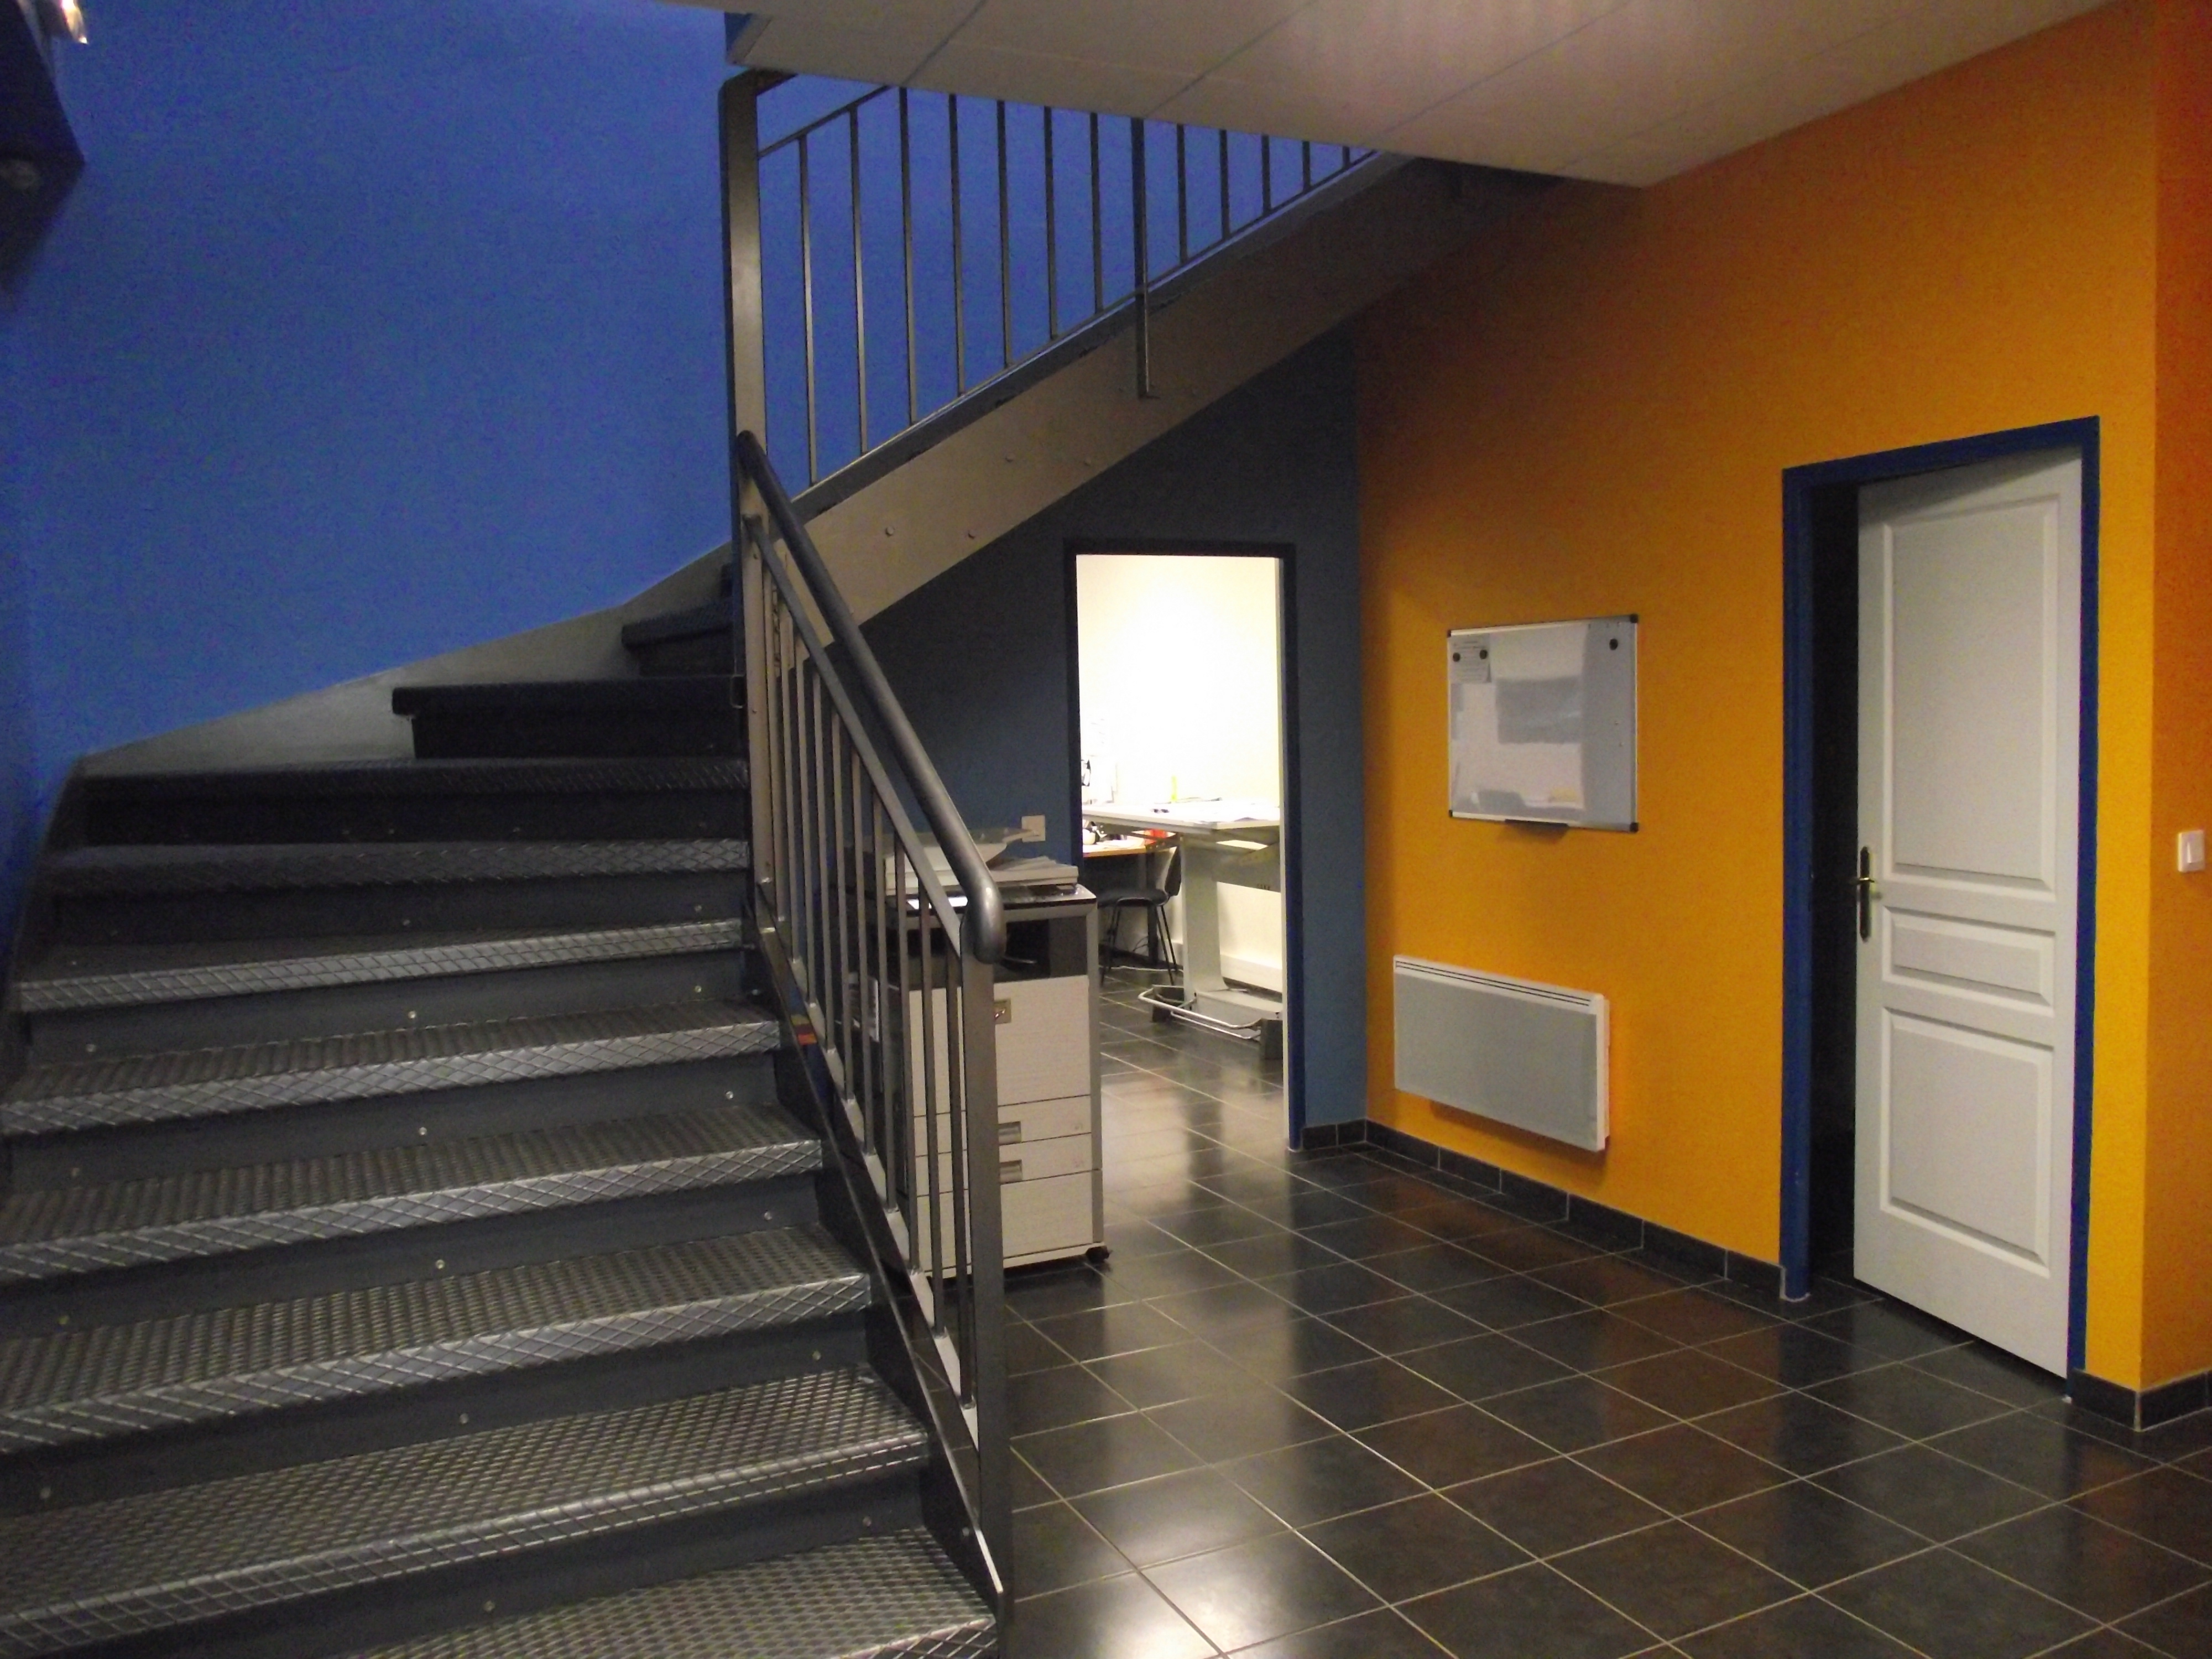 travaux peinture les peintres euro peinture 37 jou l s tours. Black Bedroom Furniture Sets. Home Design Ideas